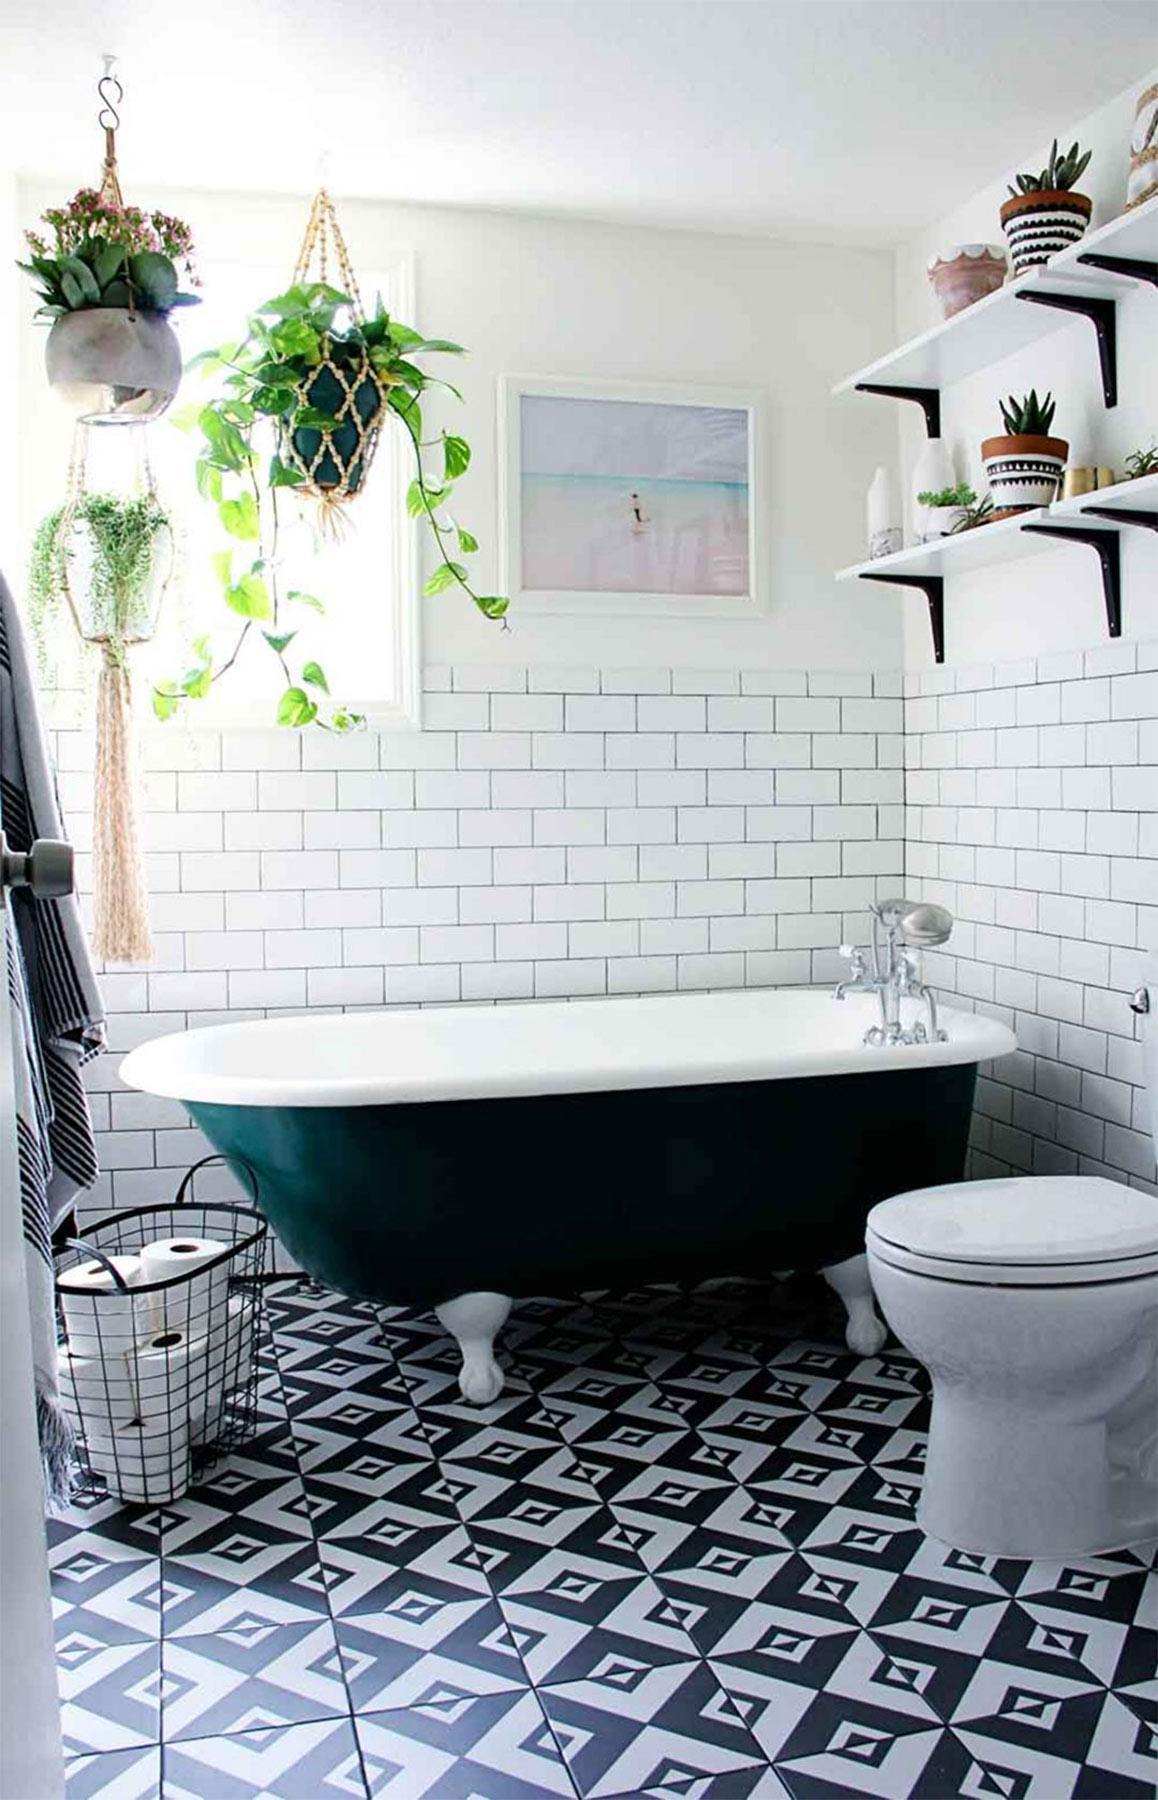 Thiết kế nội thất phòng tắm với cây xanh